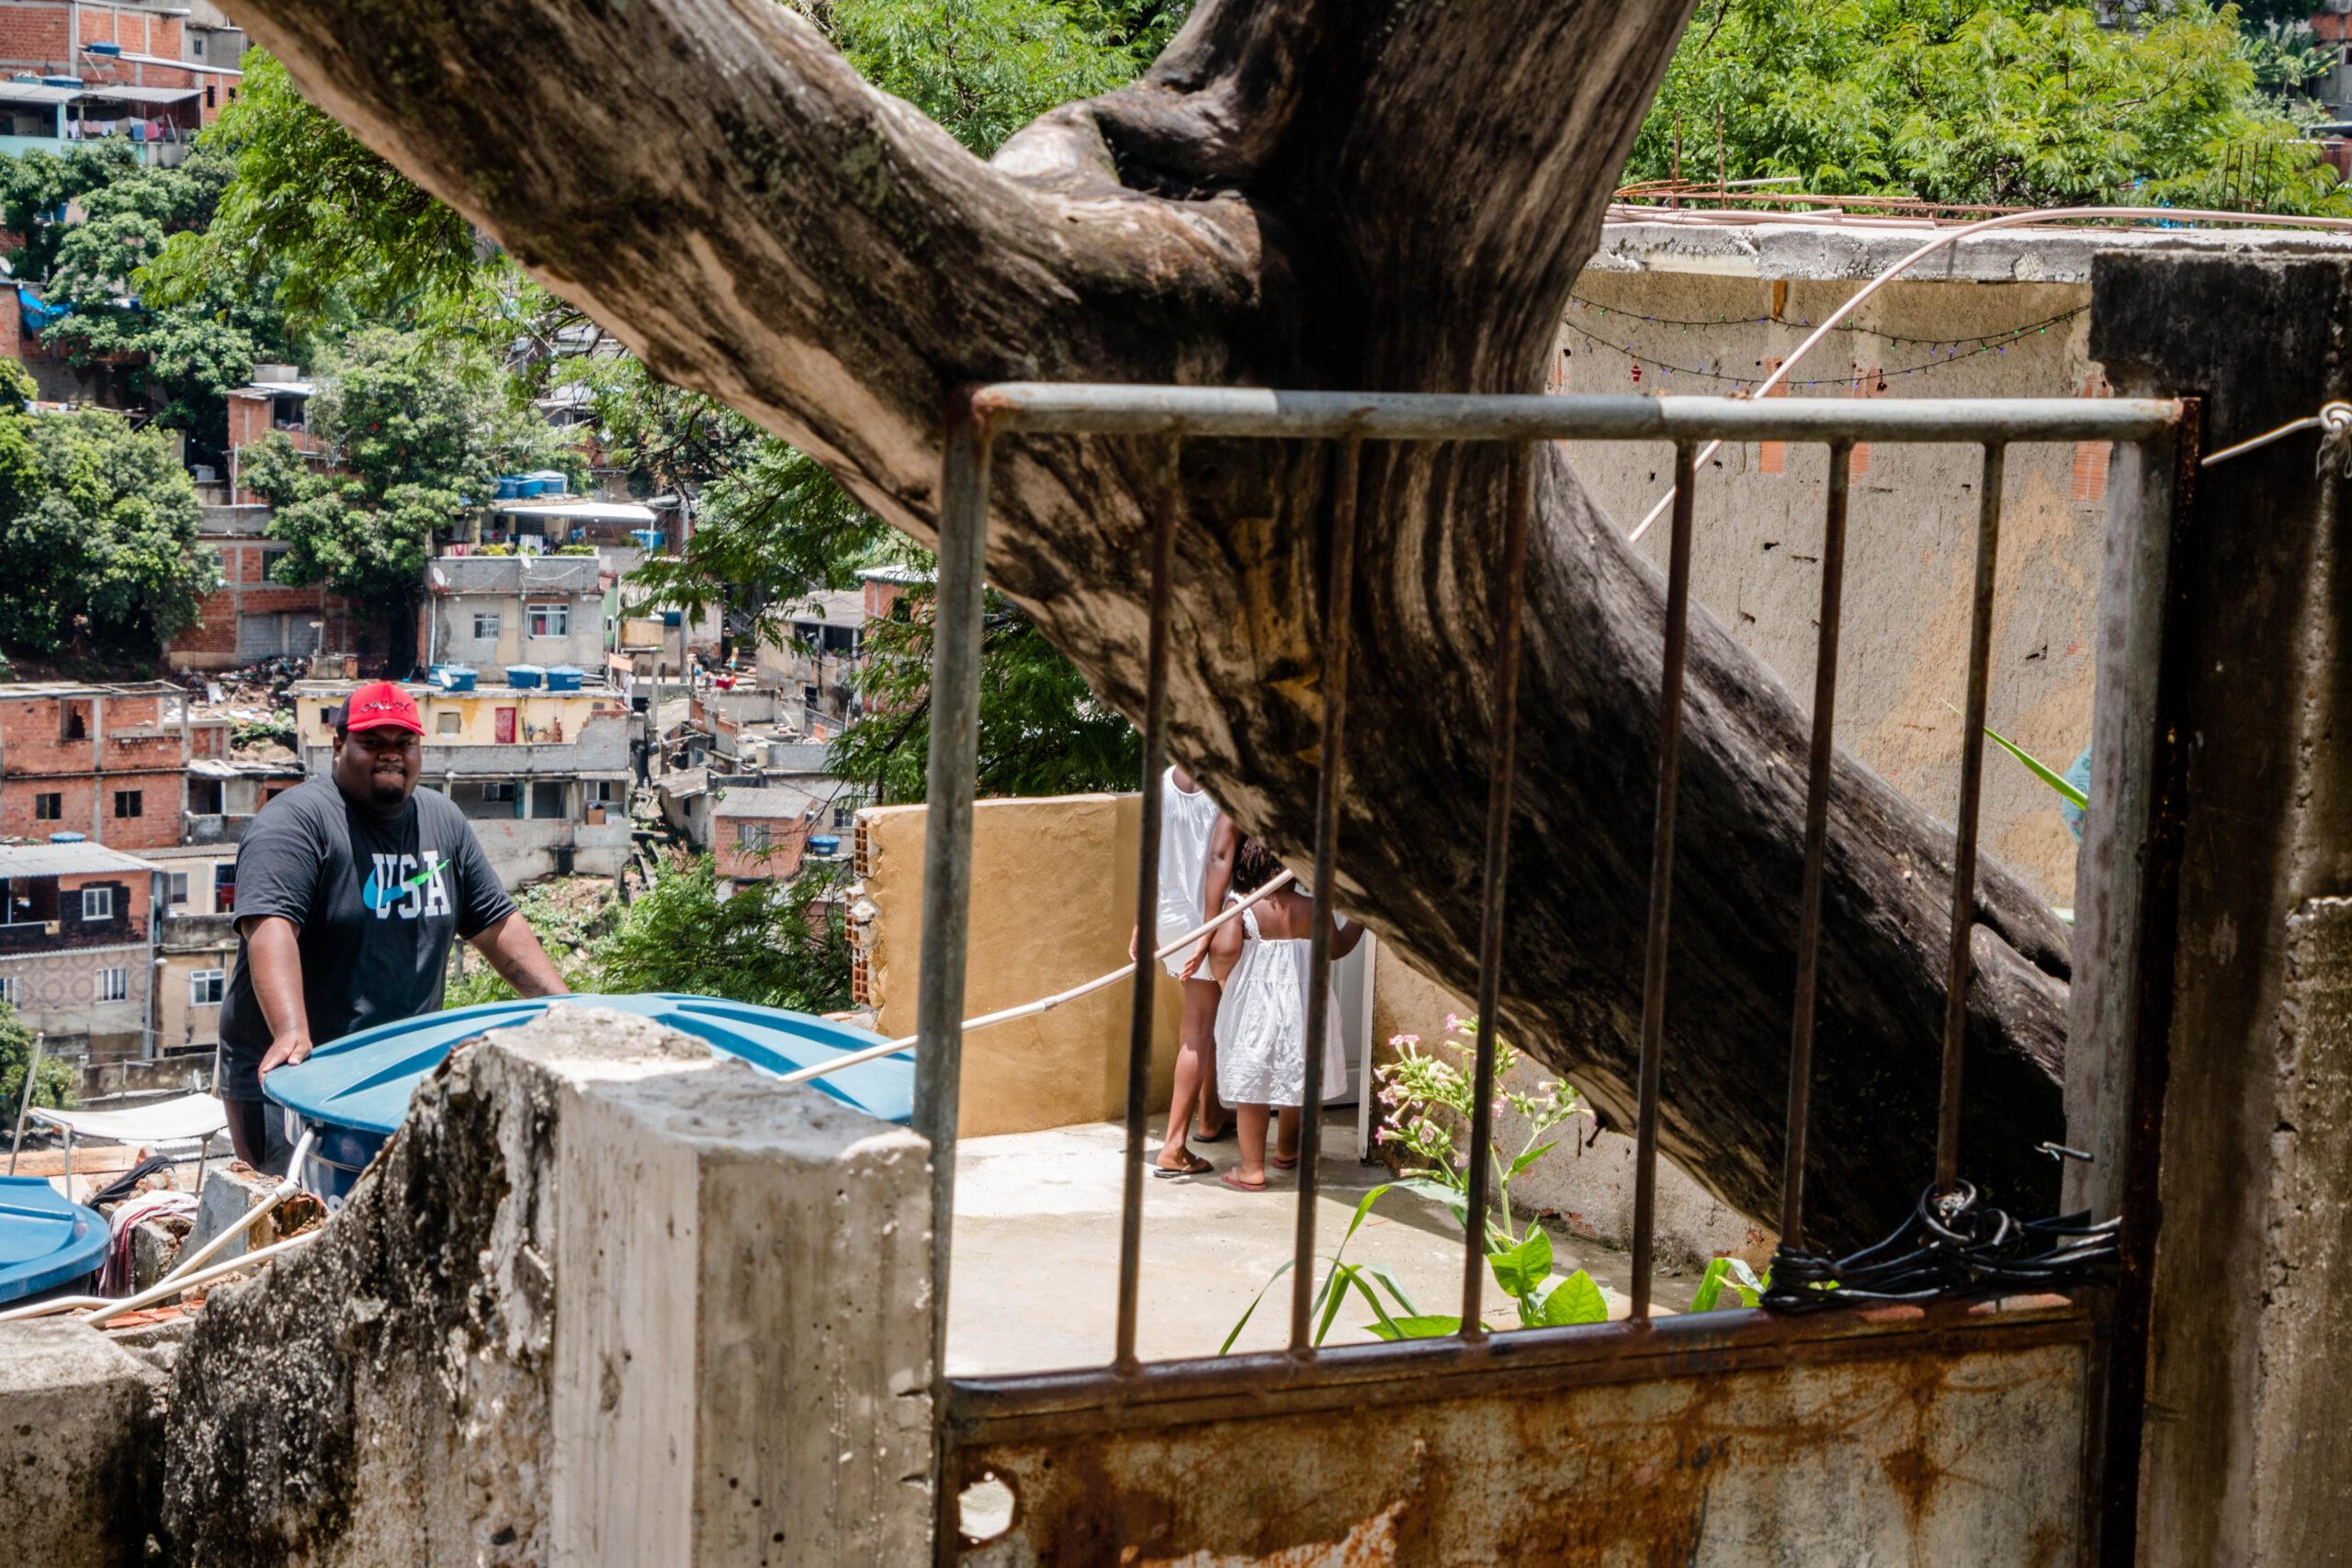 Moradores do Alemão ficam 'presos' por mais de 7 horas dentro de casa após queda de árvore no portão